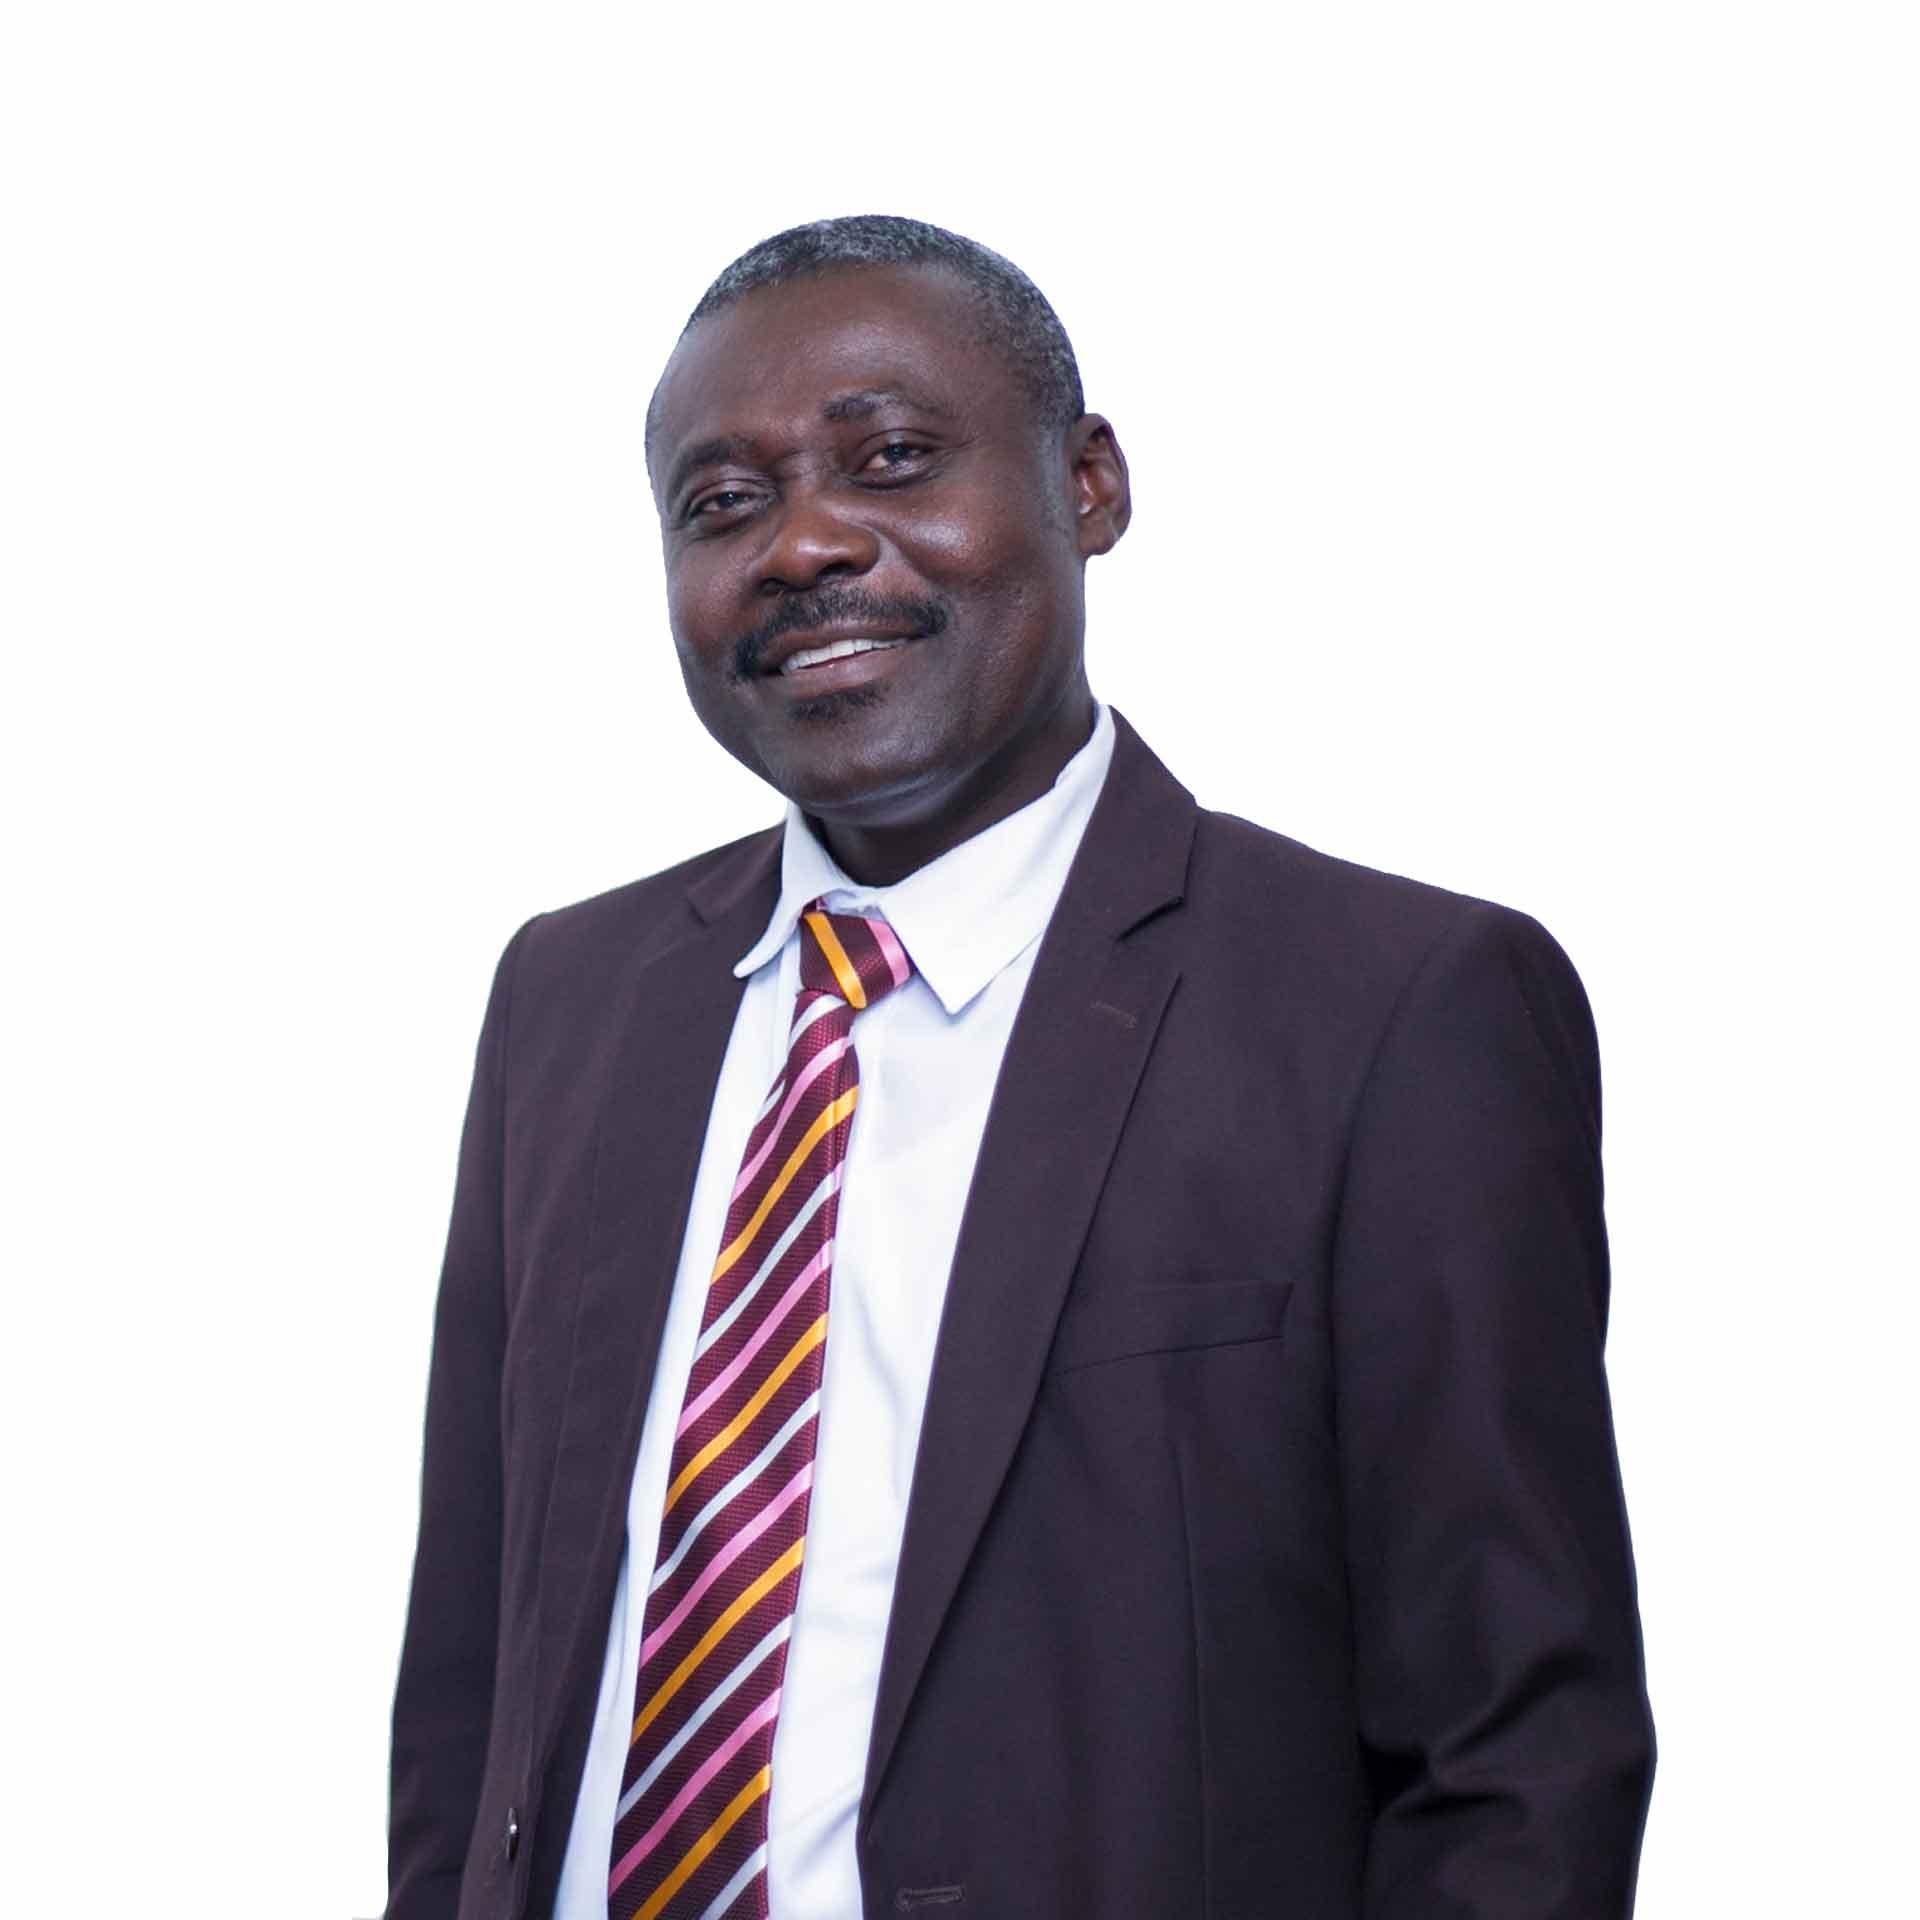 Mr. Emmanuel Botwe